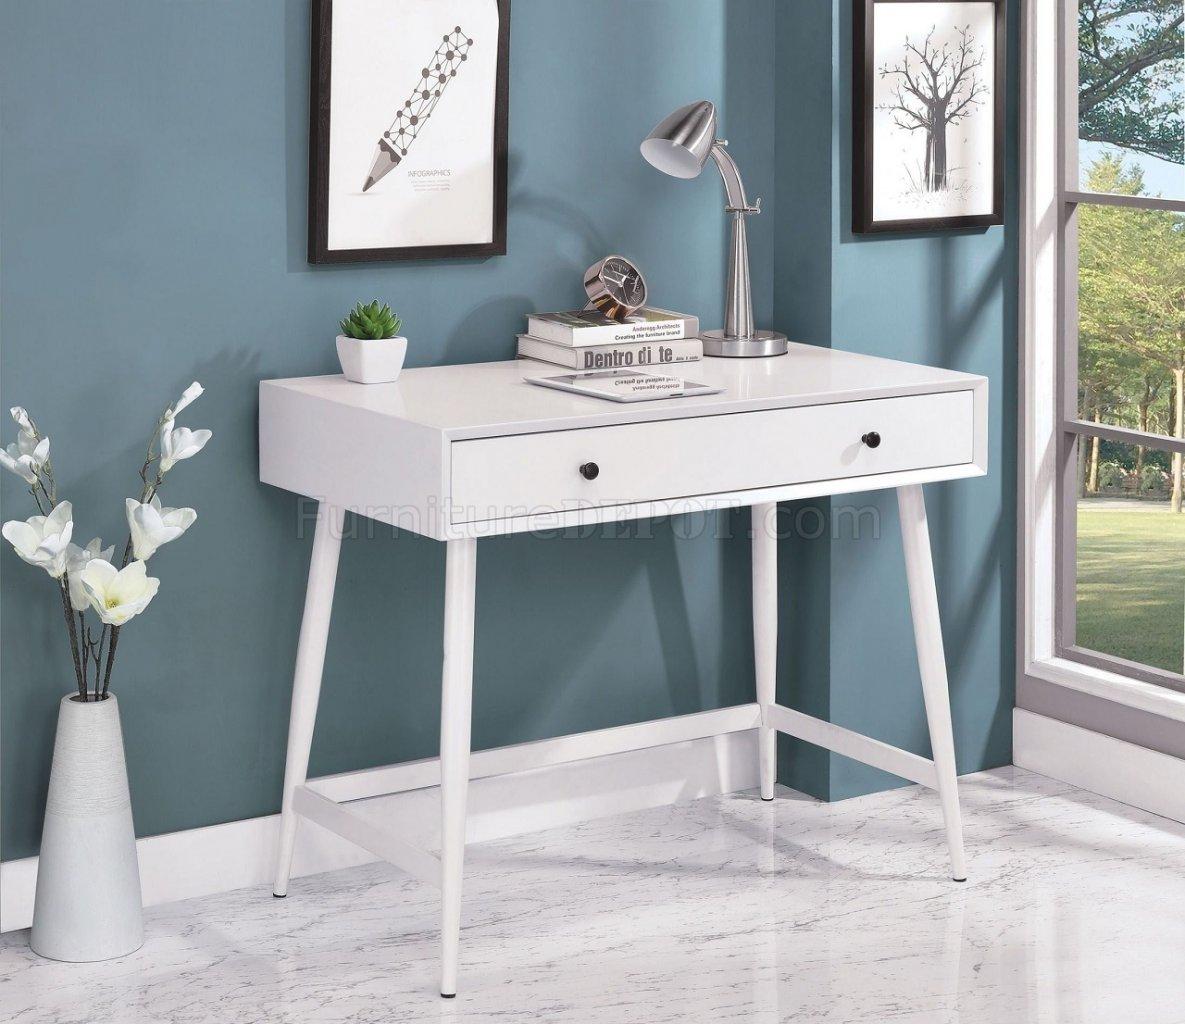 Frisco Modern Writing Desk CM-DK6542 in White